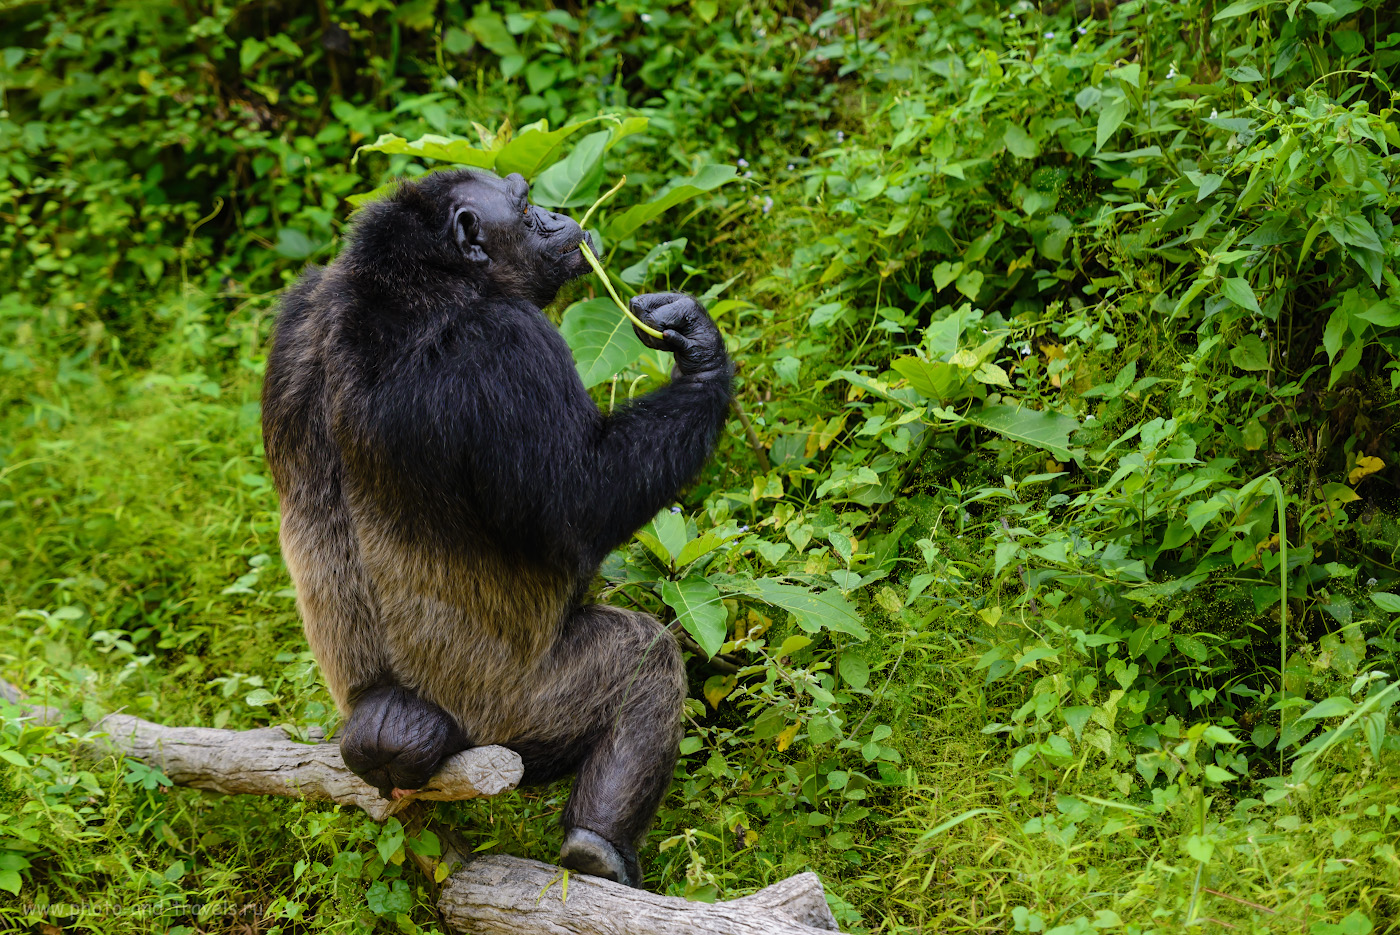 Фотография 25. Стоит ли ехать в зоопарк «Кхао Кхео» с детьми? Думаю, уже только ради красавцев шимпанзе это можно сделать. Отзывы туриста об отдыхе в Паттайе. 1/500, 2.8, 640, 160.